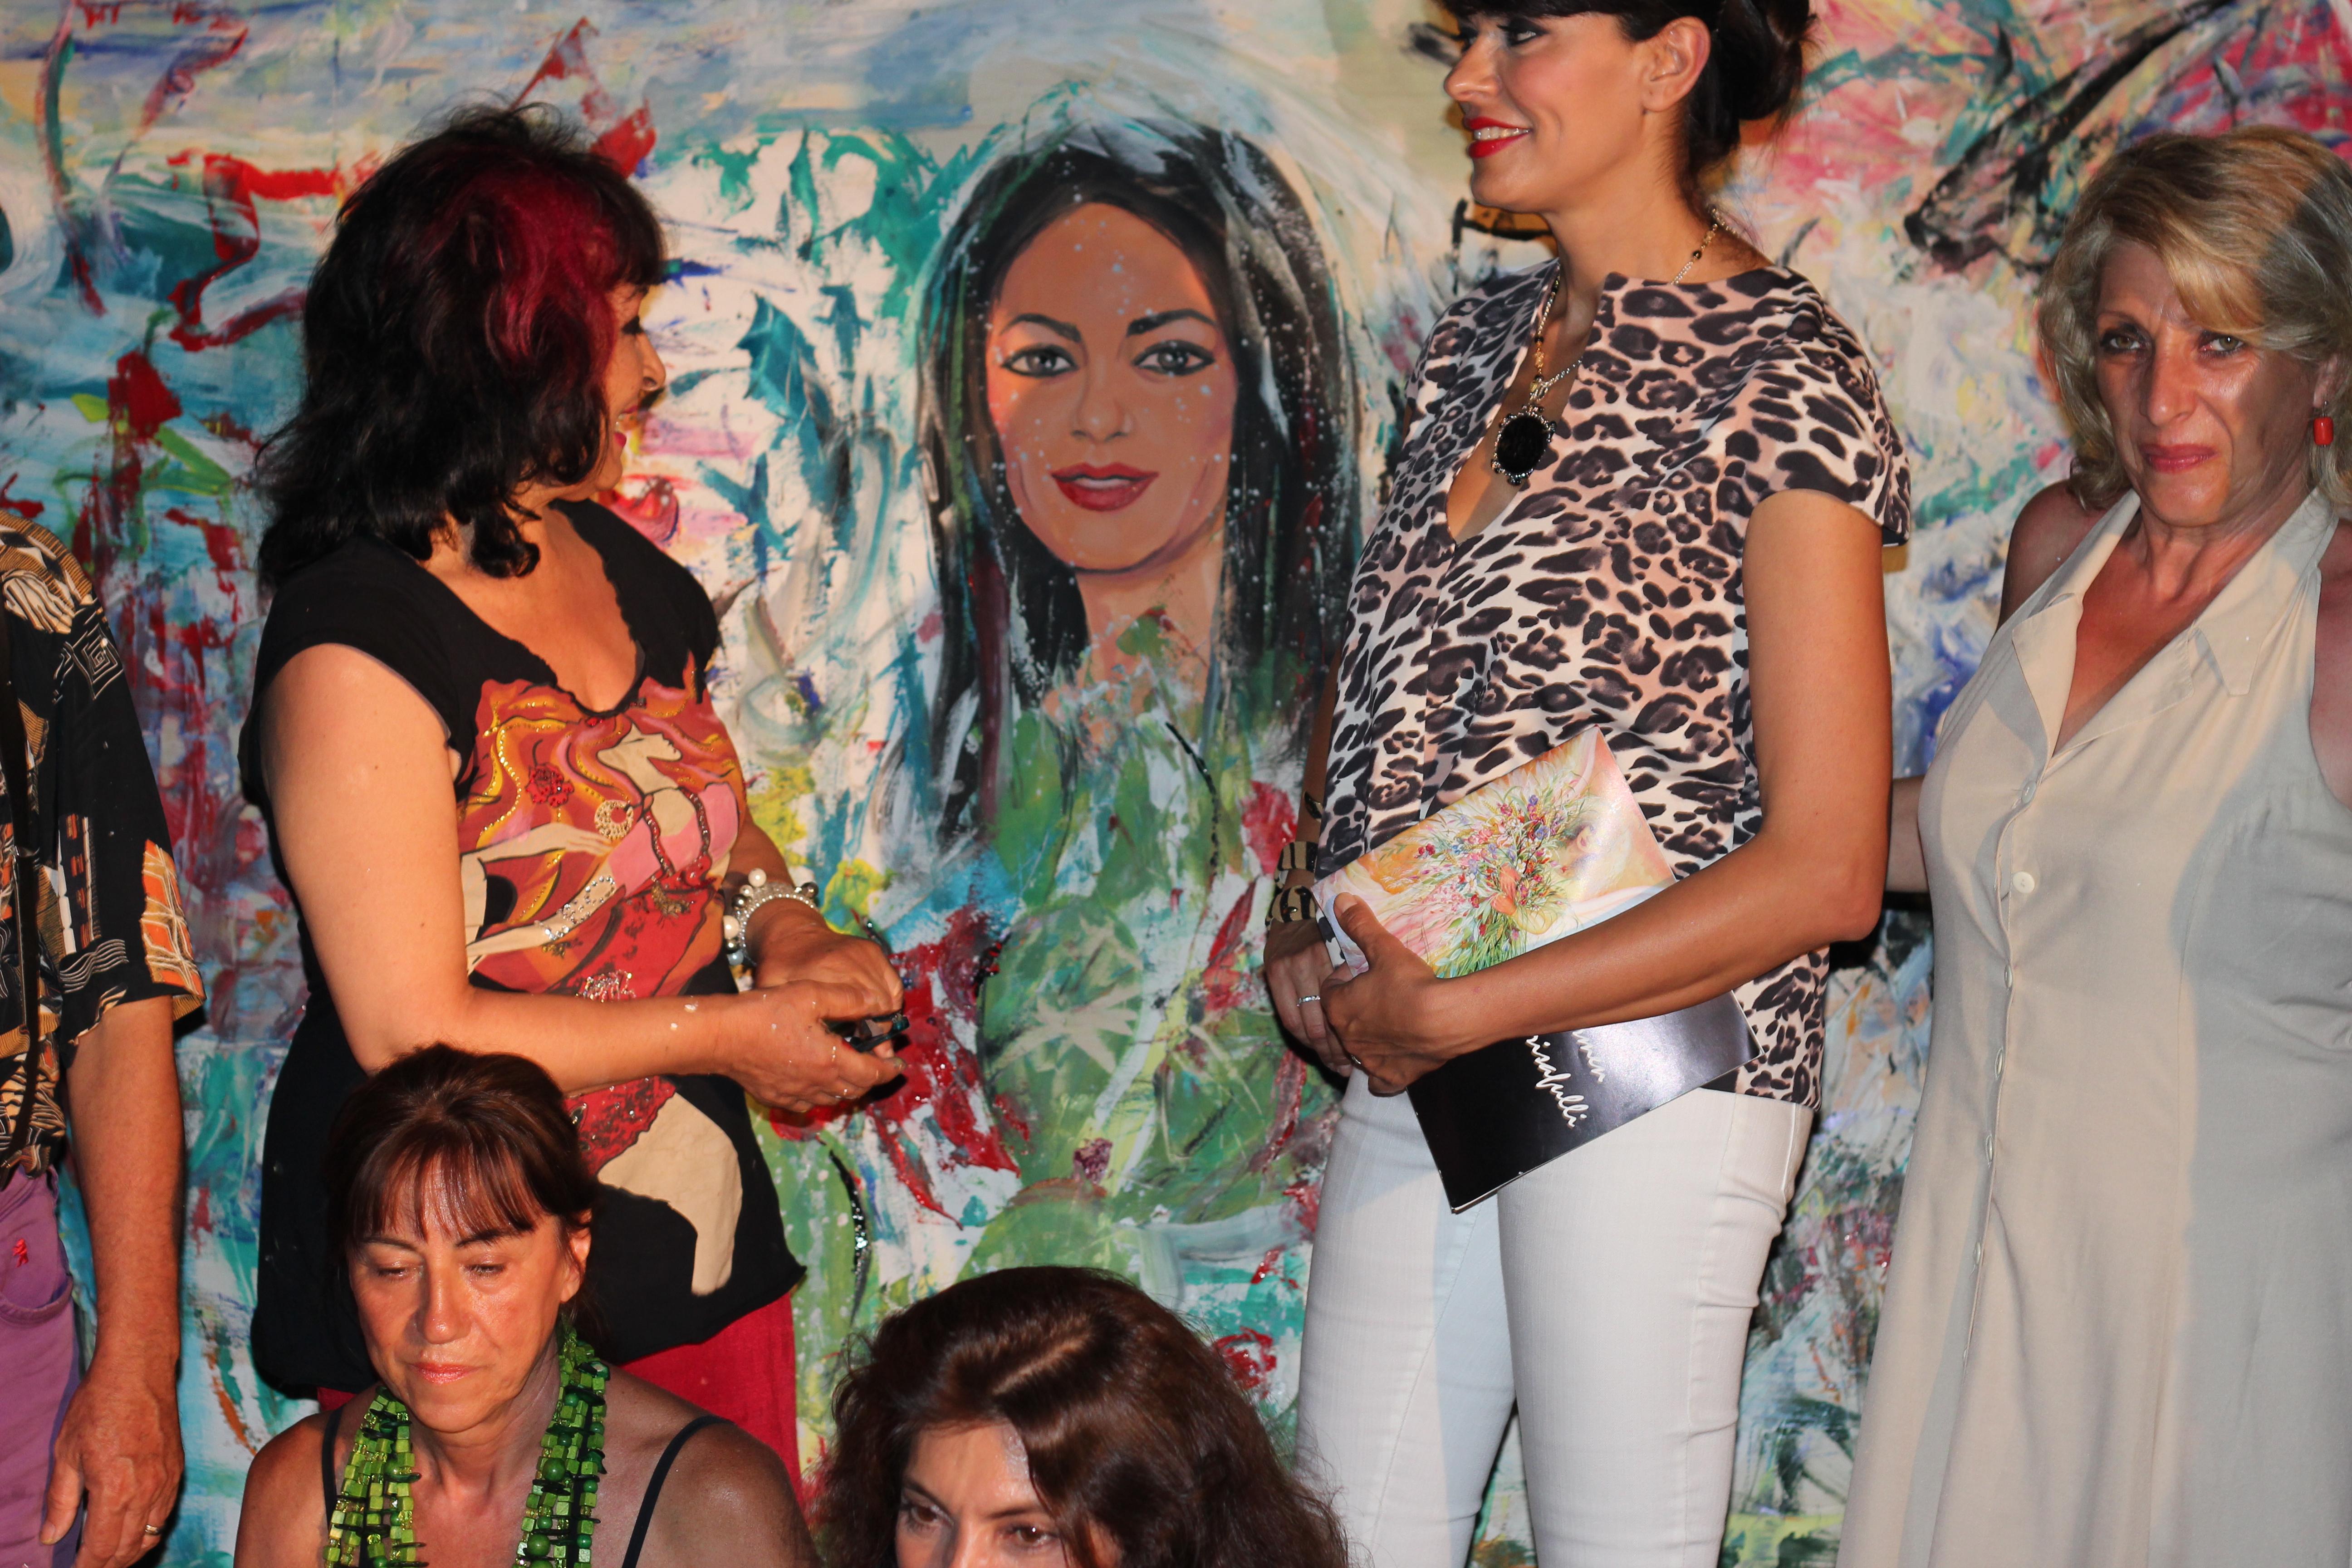 Tanja con Mariagrazia Cucinotta, Dimitri Salonia e Lidia Monachino, Carmen Crisafulli e altri artist